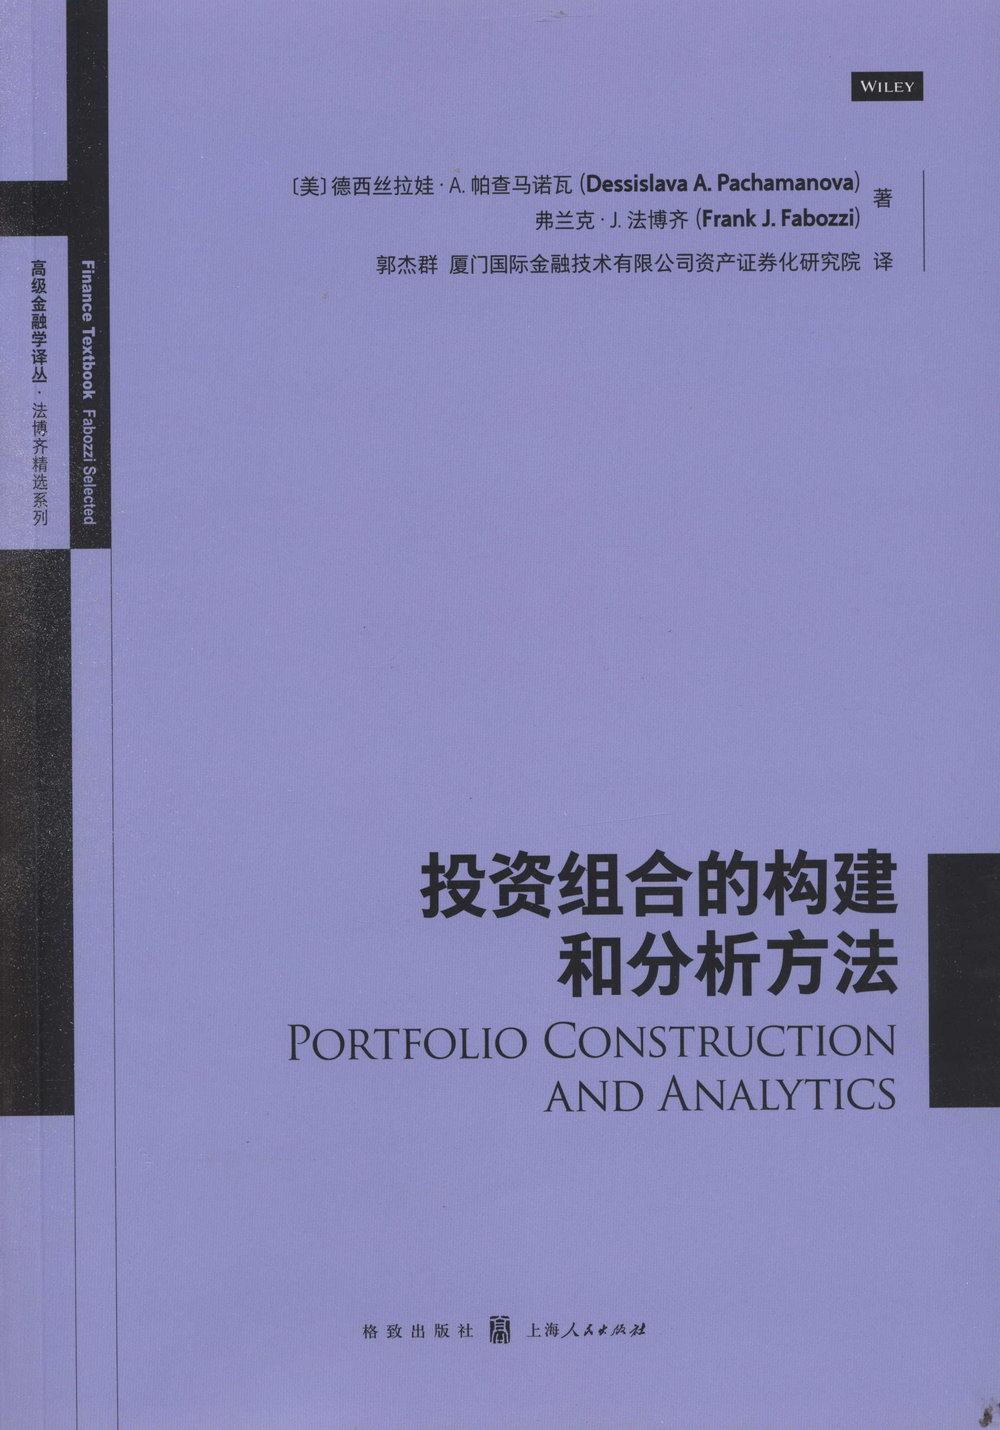 投資組合的構建和分析方法